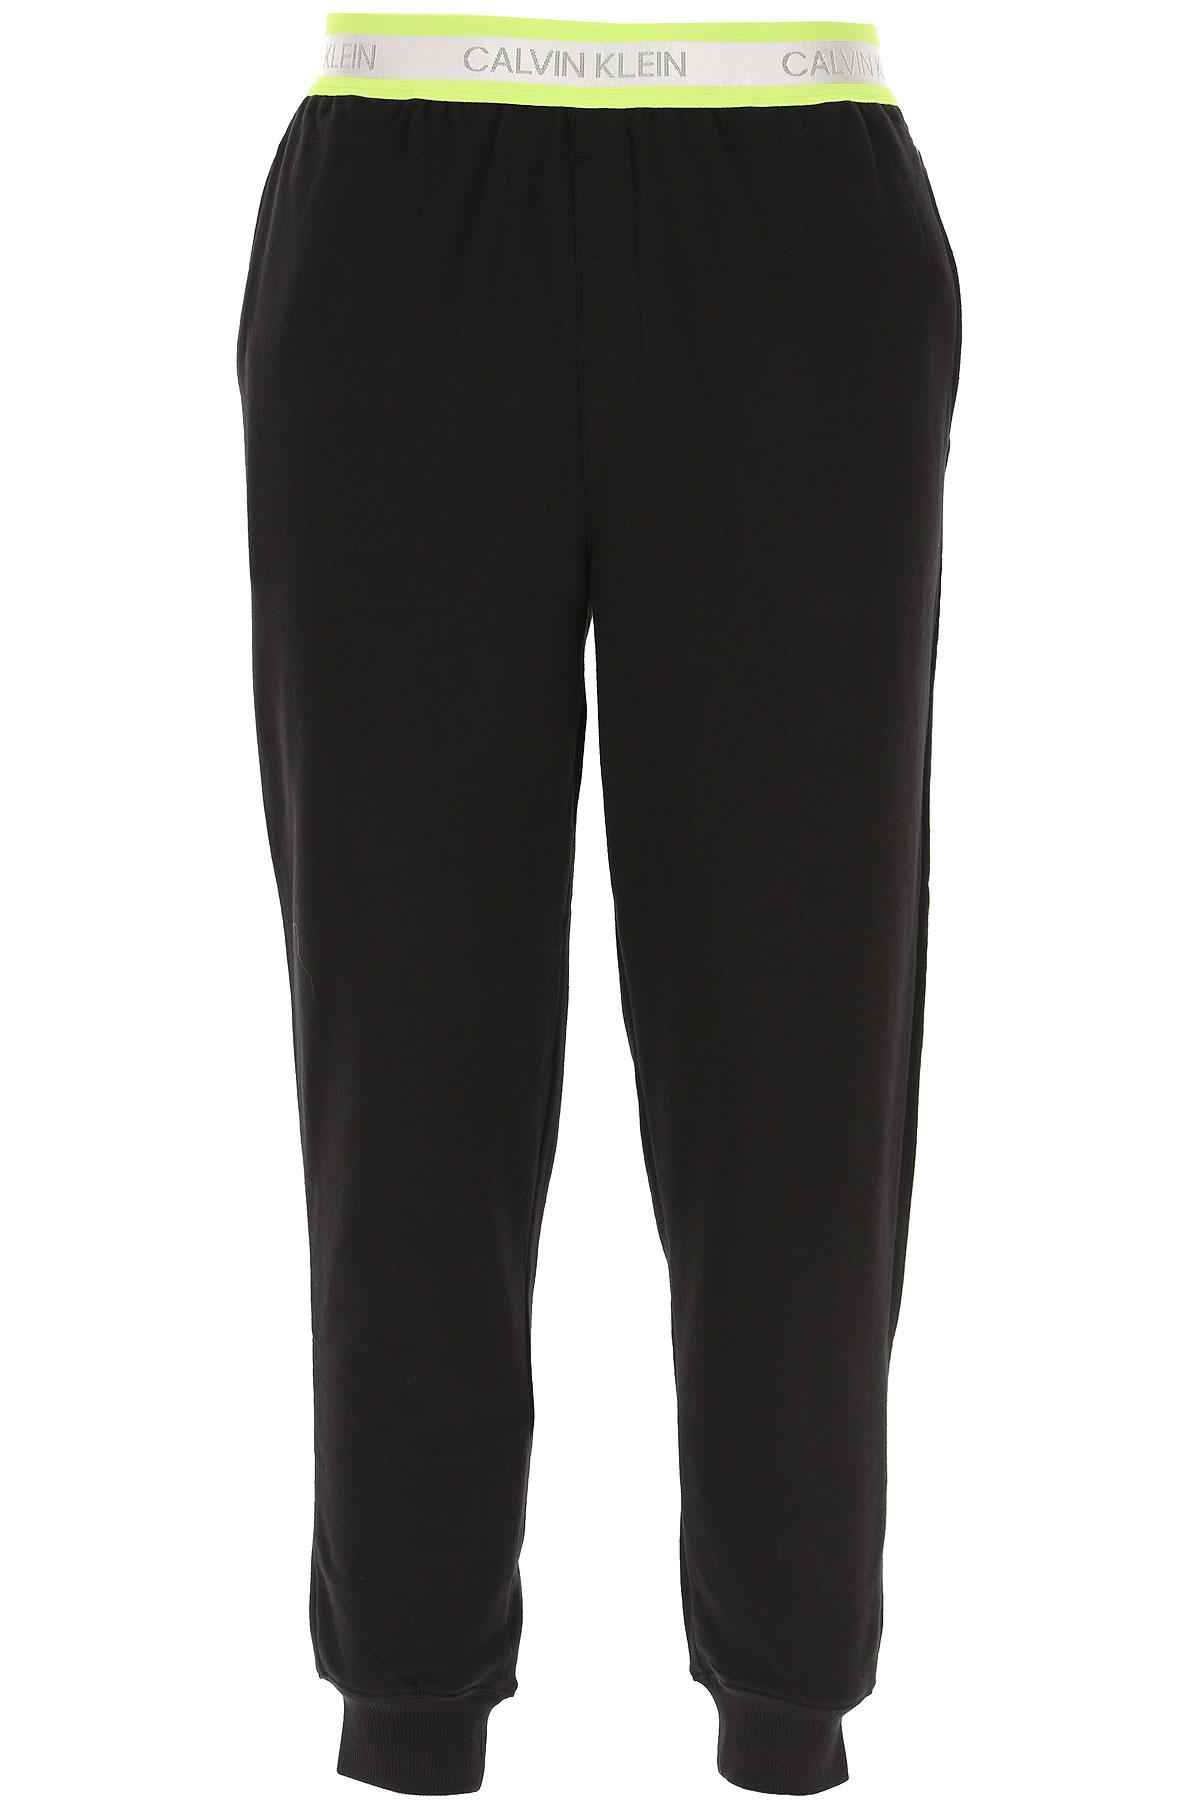 Calvin Klein Mens Underwear On Sale, Black, Cotton, 2019, M (IT 4) S (IT 3)